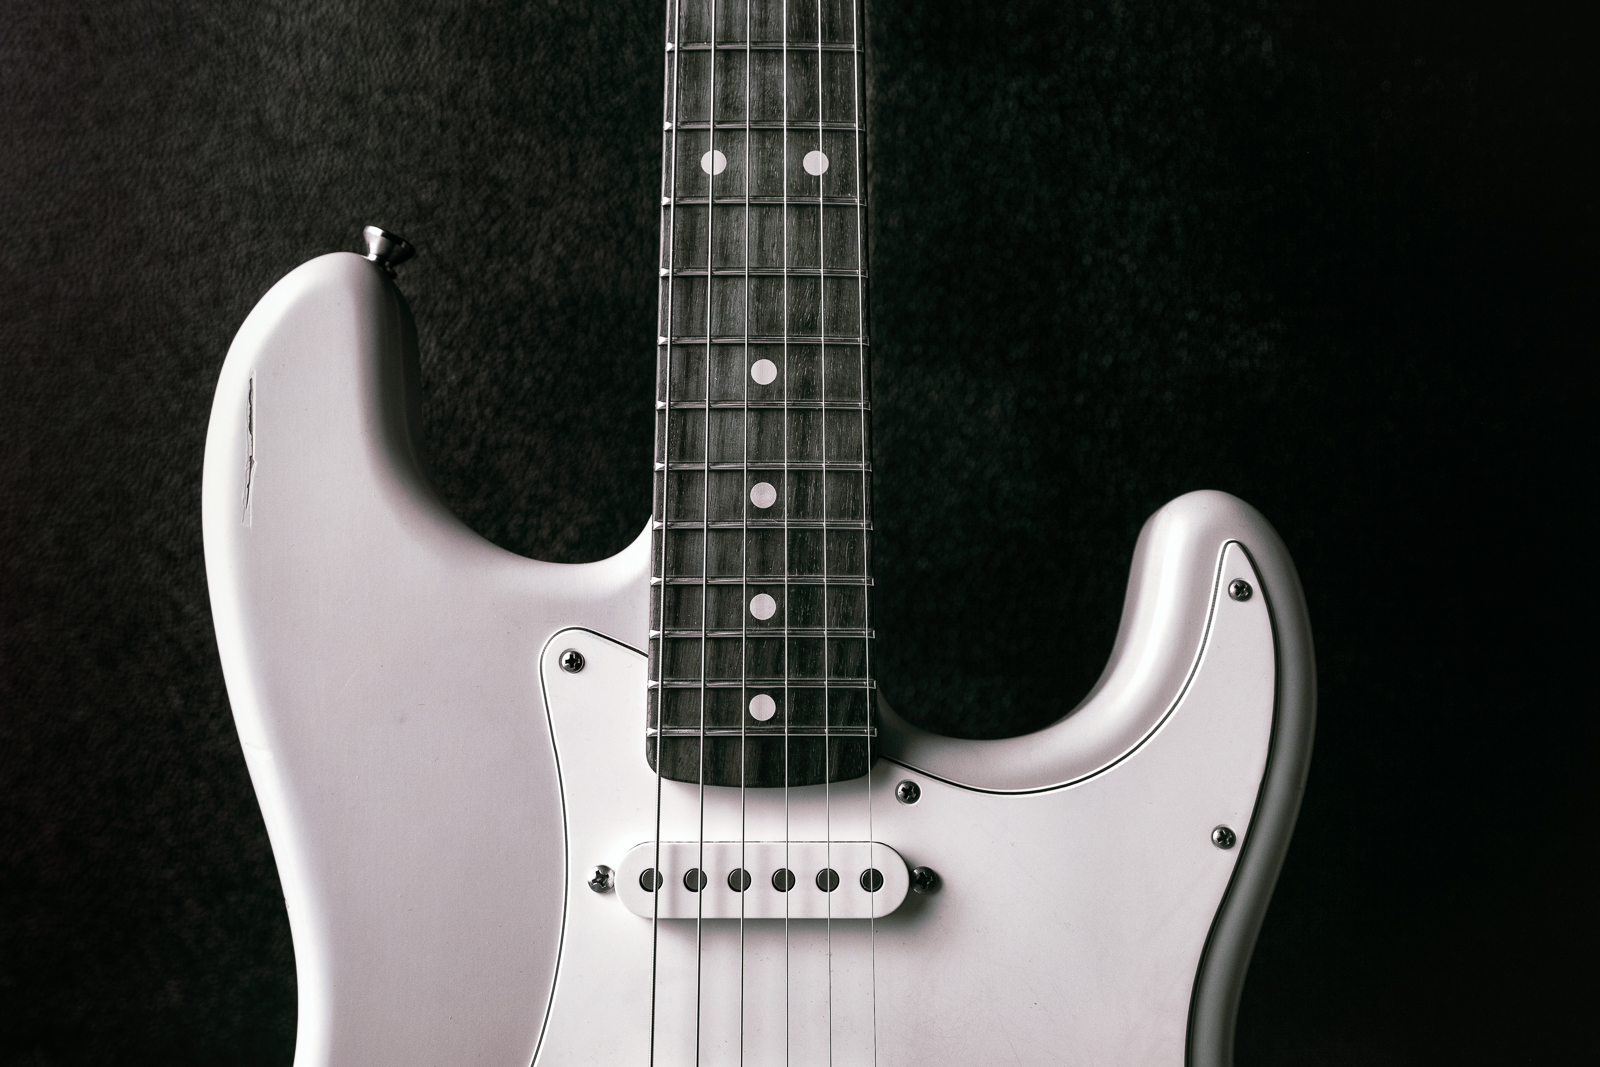 nash guitar.jpg